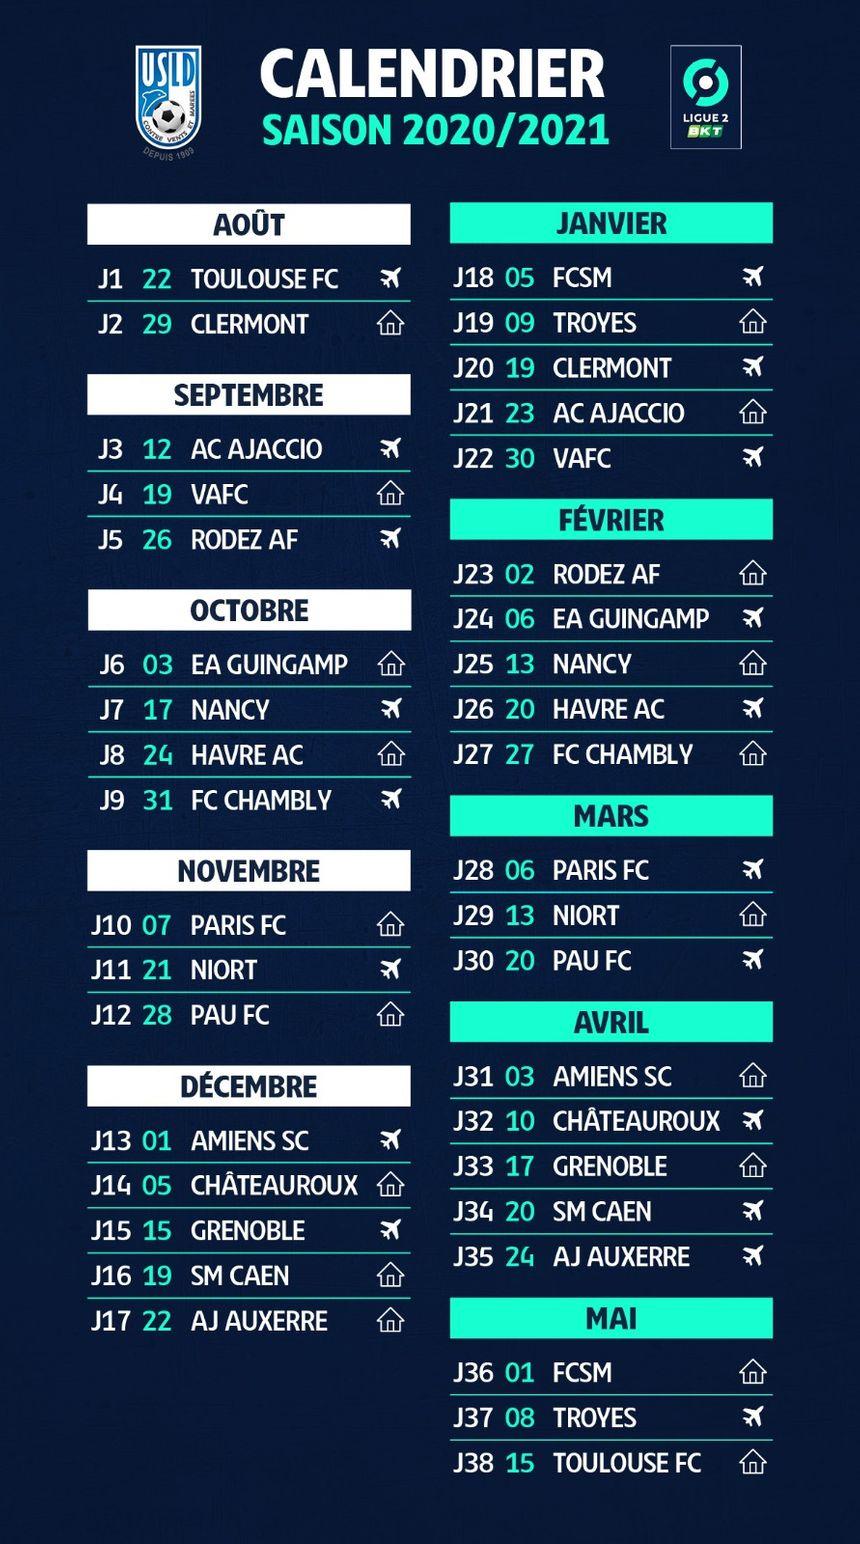 Calendrier Ligue 2 2021 2022 Pdf Ligue 2 : le calendrier de Dunkerque pour la saison 2020 2021